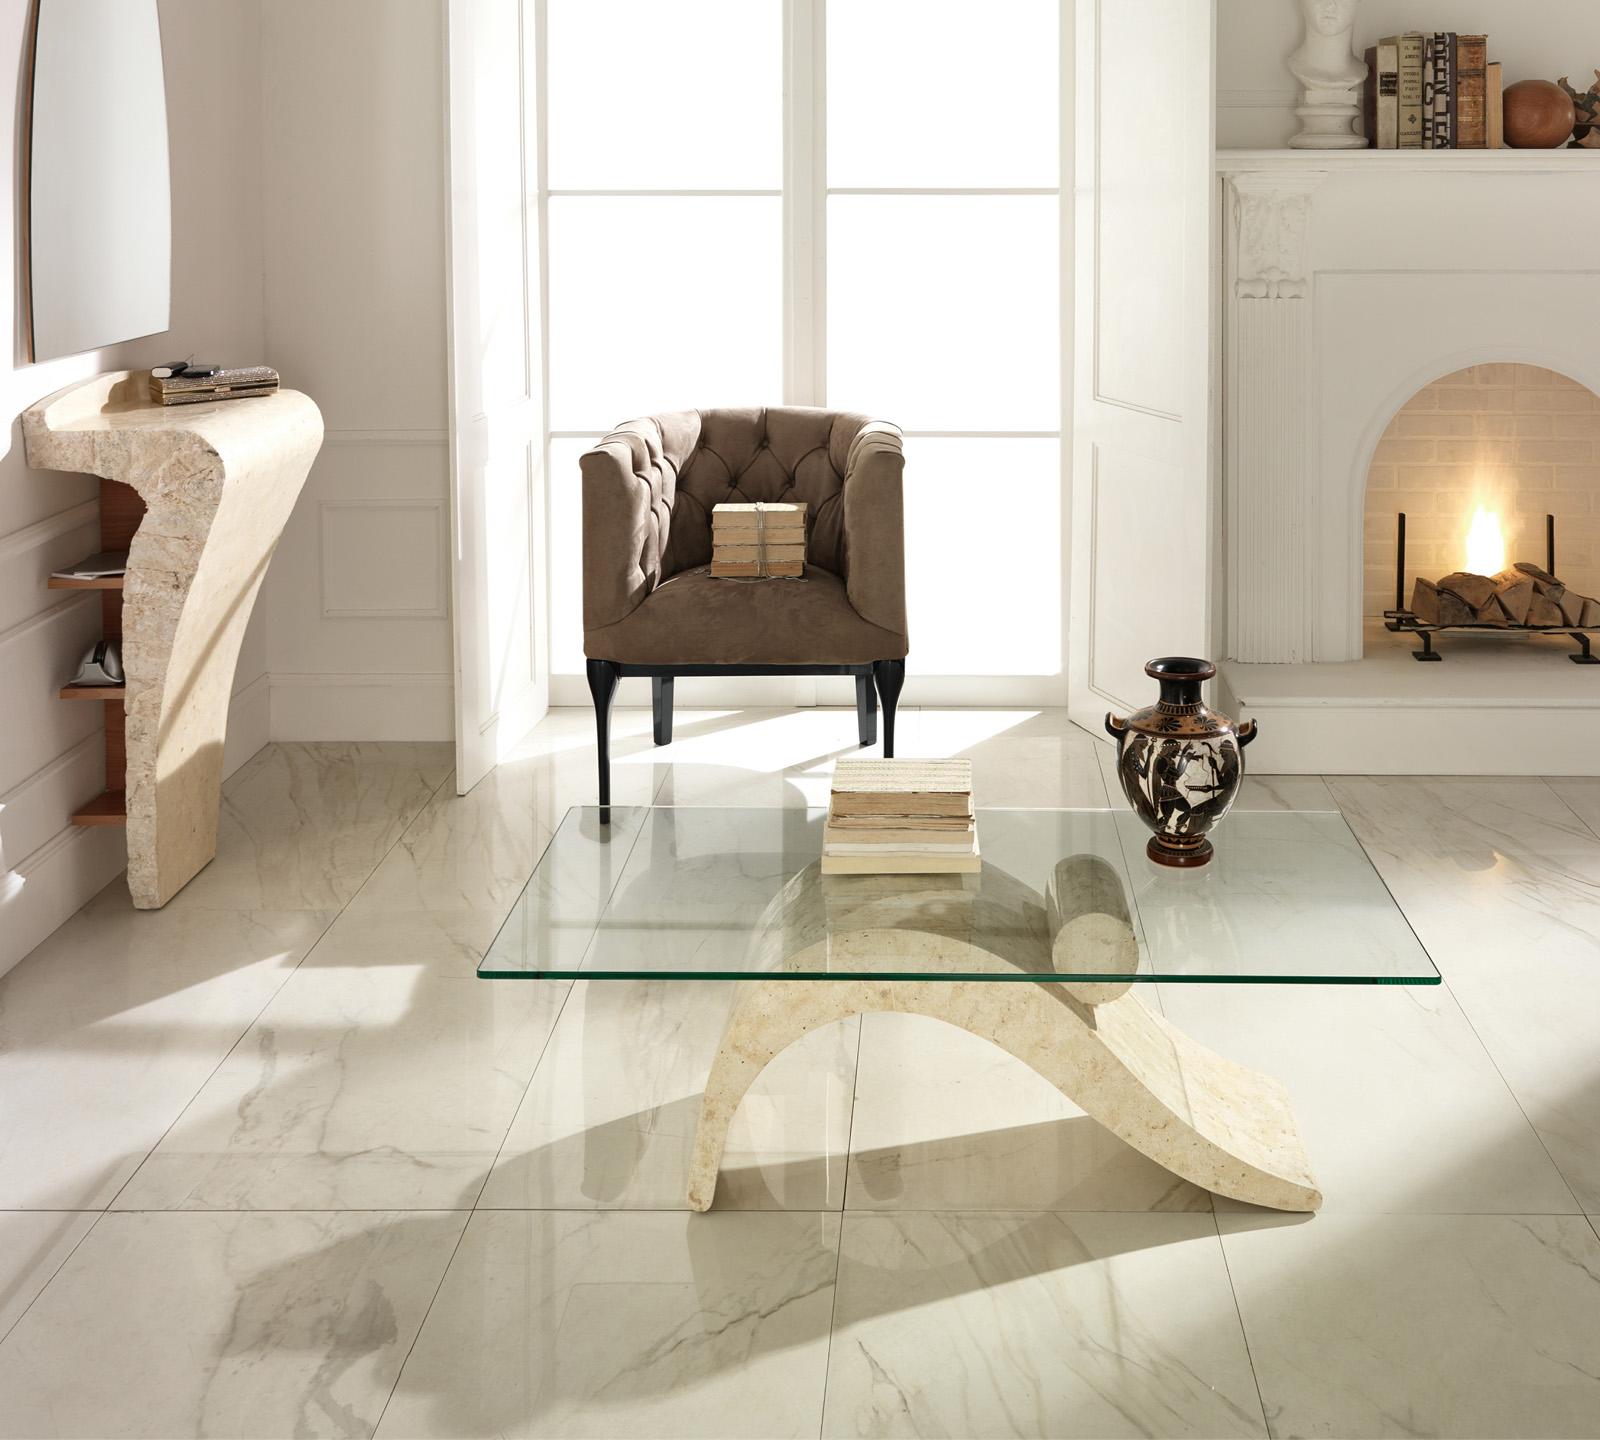 Tavolino dove in pietra fossile bianca duzzle for Tavolini da salotto apribili